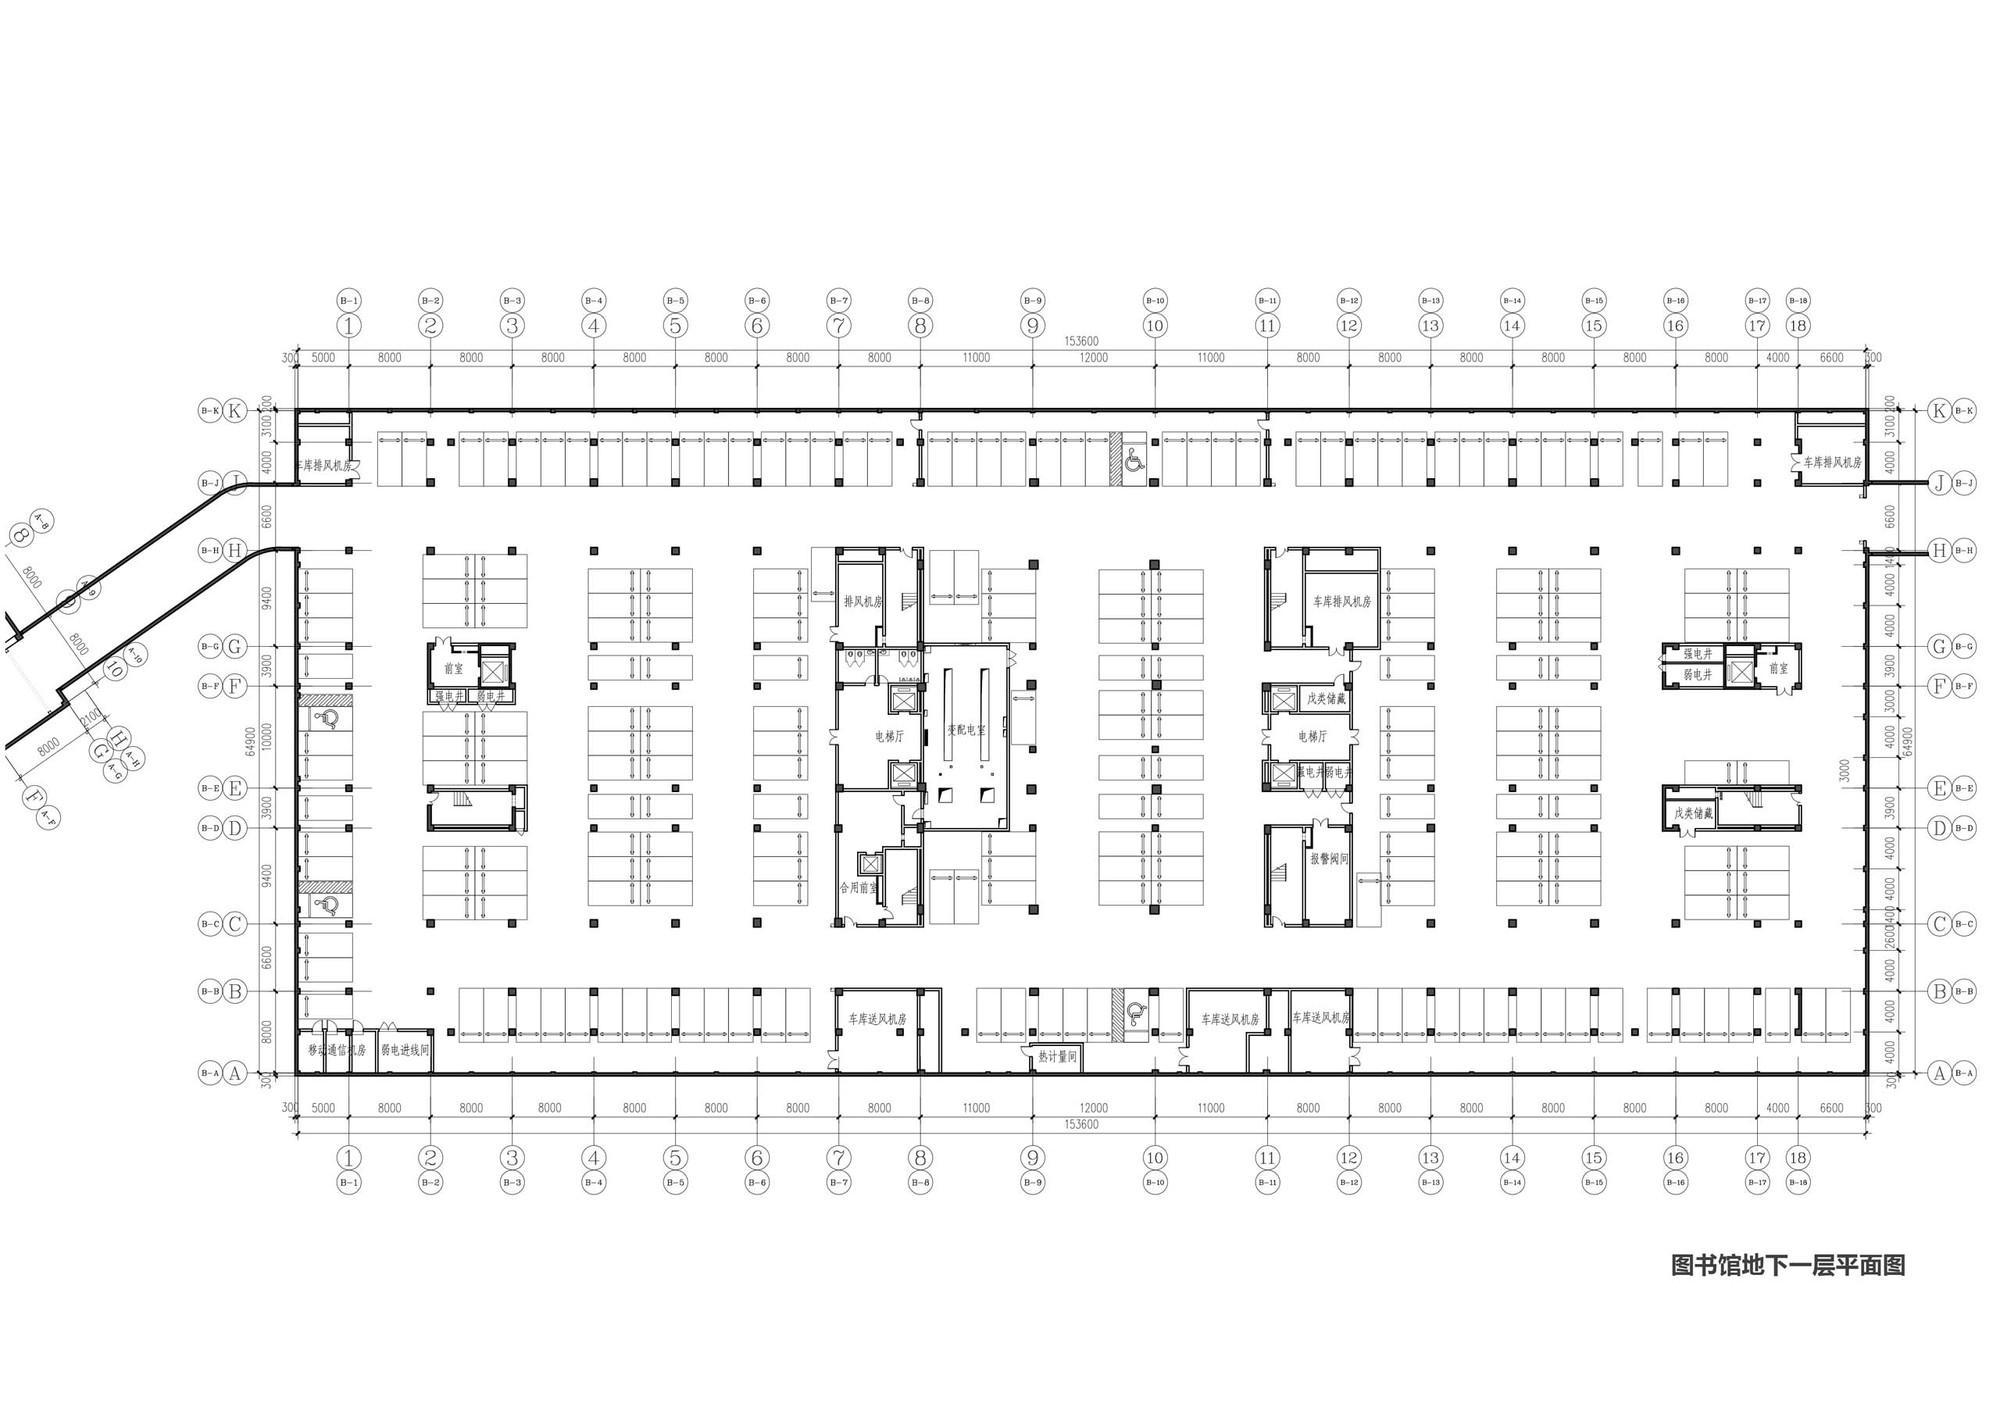 延安大学新校区规划设计 清华大学建筑设计研究院